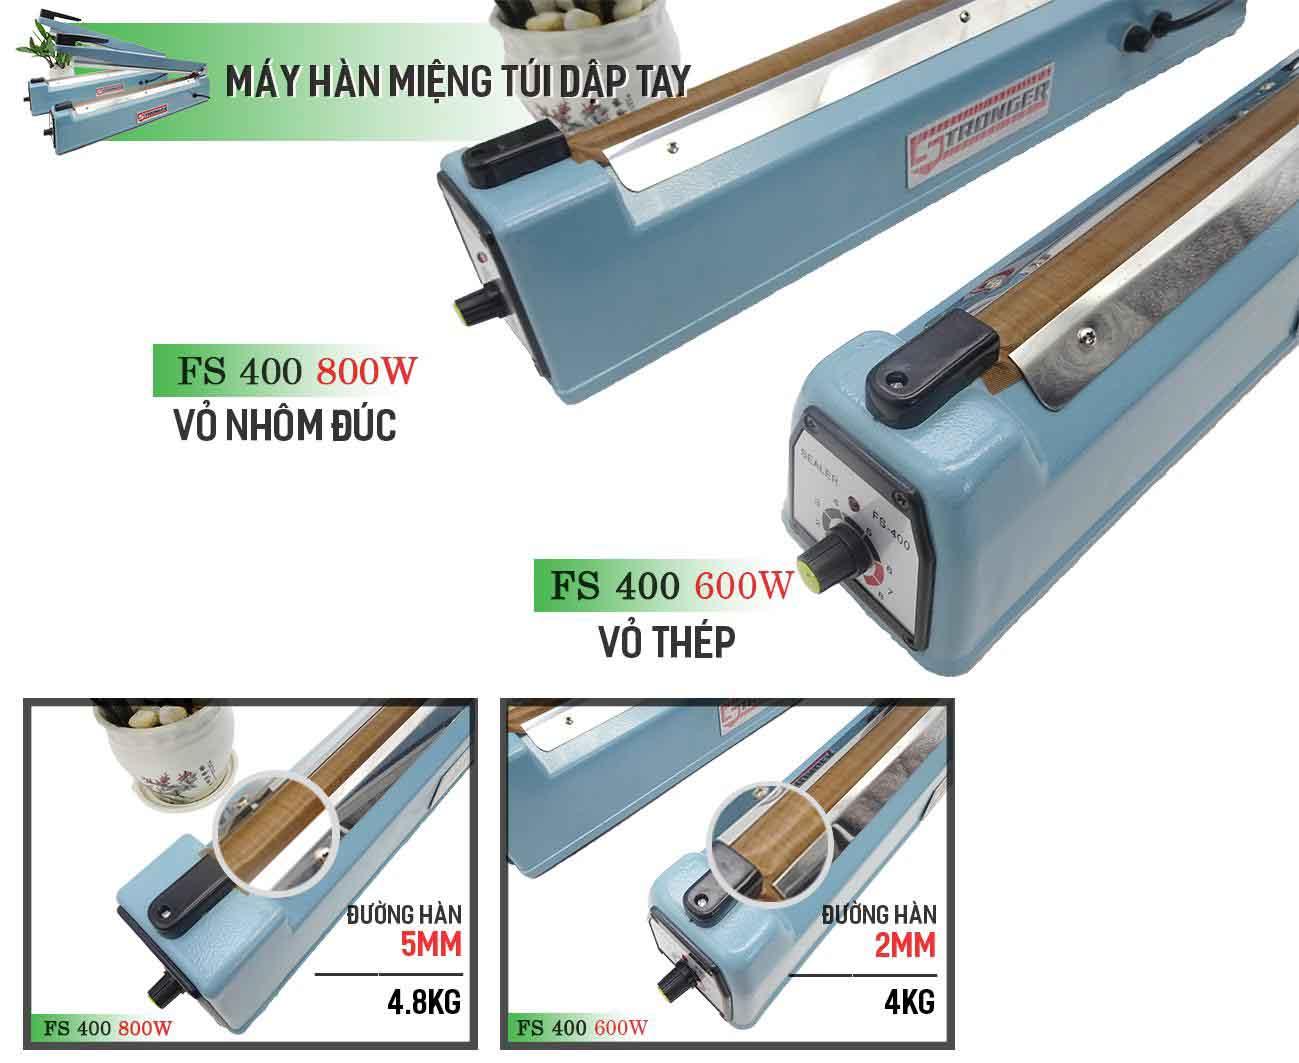 So sánh máy hàn miệng túi dập tay FS-400 Stronger vỏ thép với vỏ nhôm